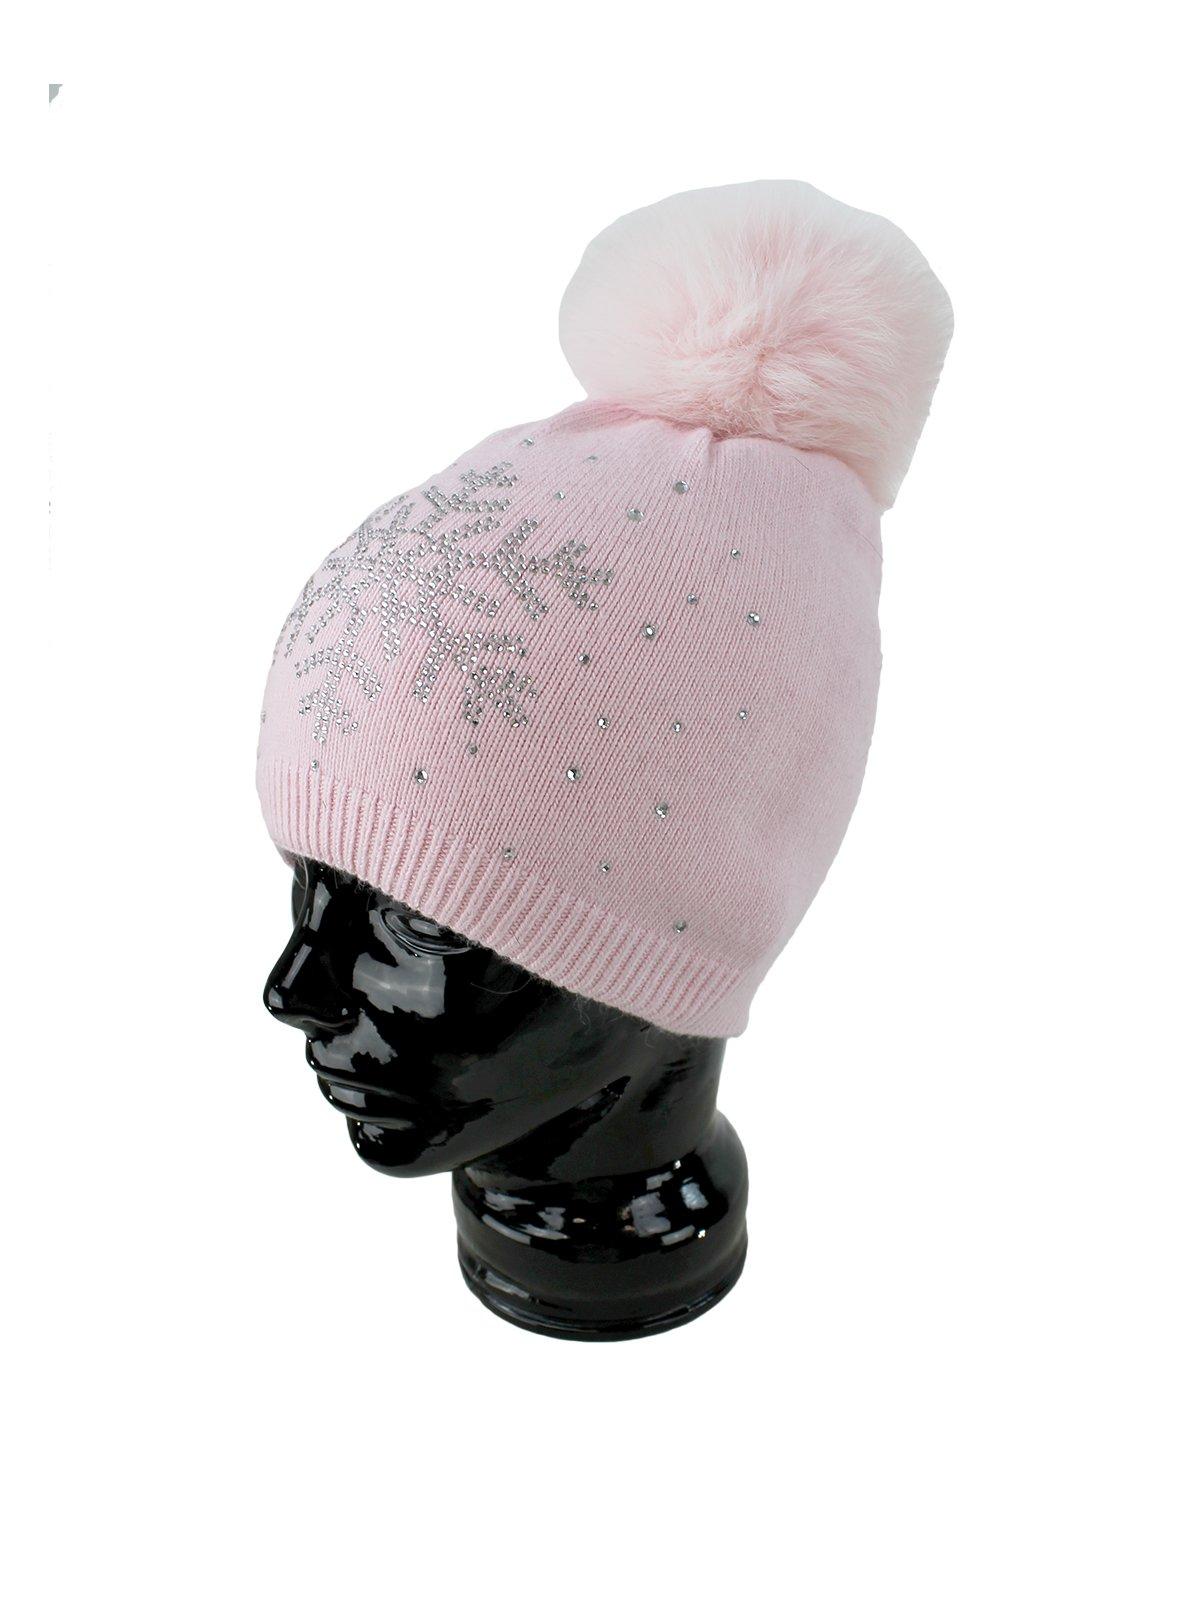 effa6af93b1 Womans Pink Knit Fabric Hat with Pink Fox Fur Pom Pom